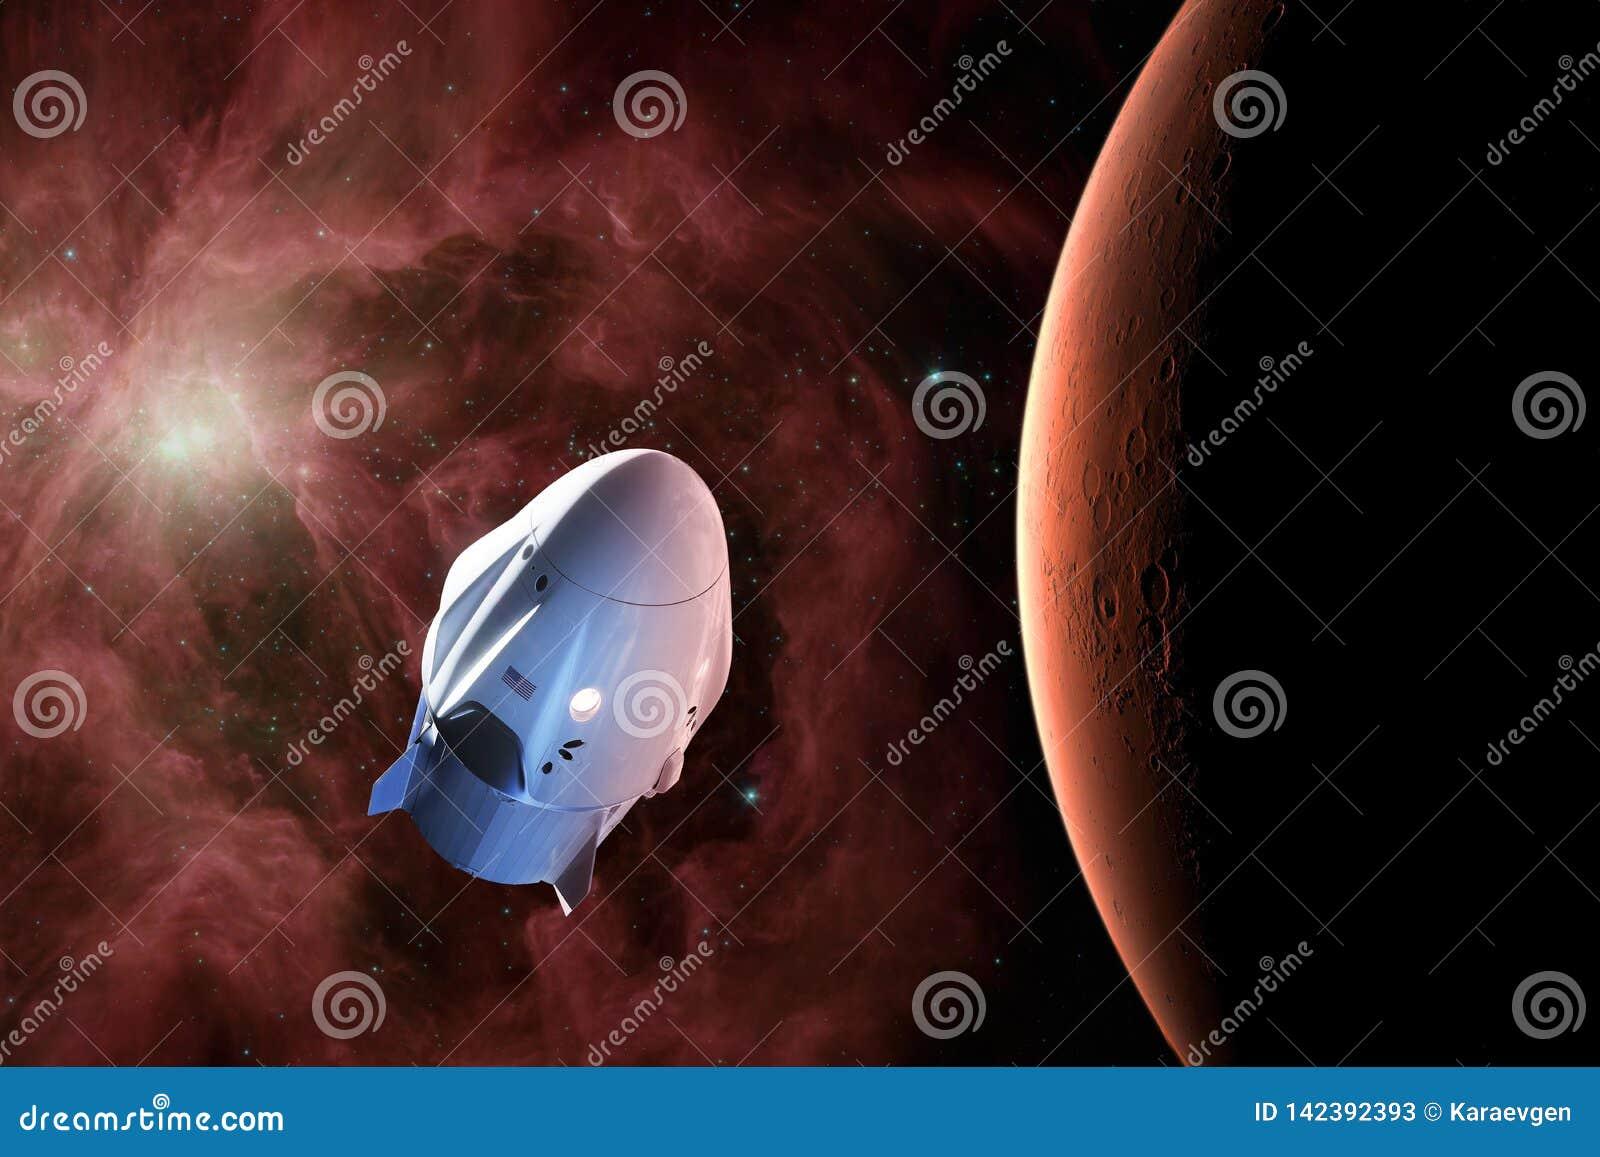 Nave espacial da carga na órbita de baixo-Marte Elementos desta imagem fornecidos pela NASA